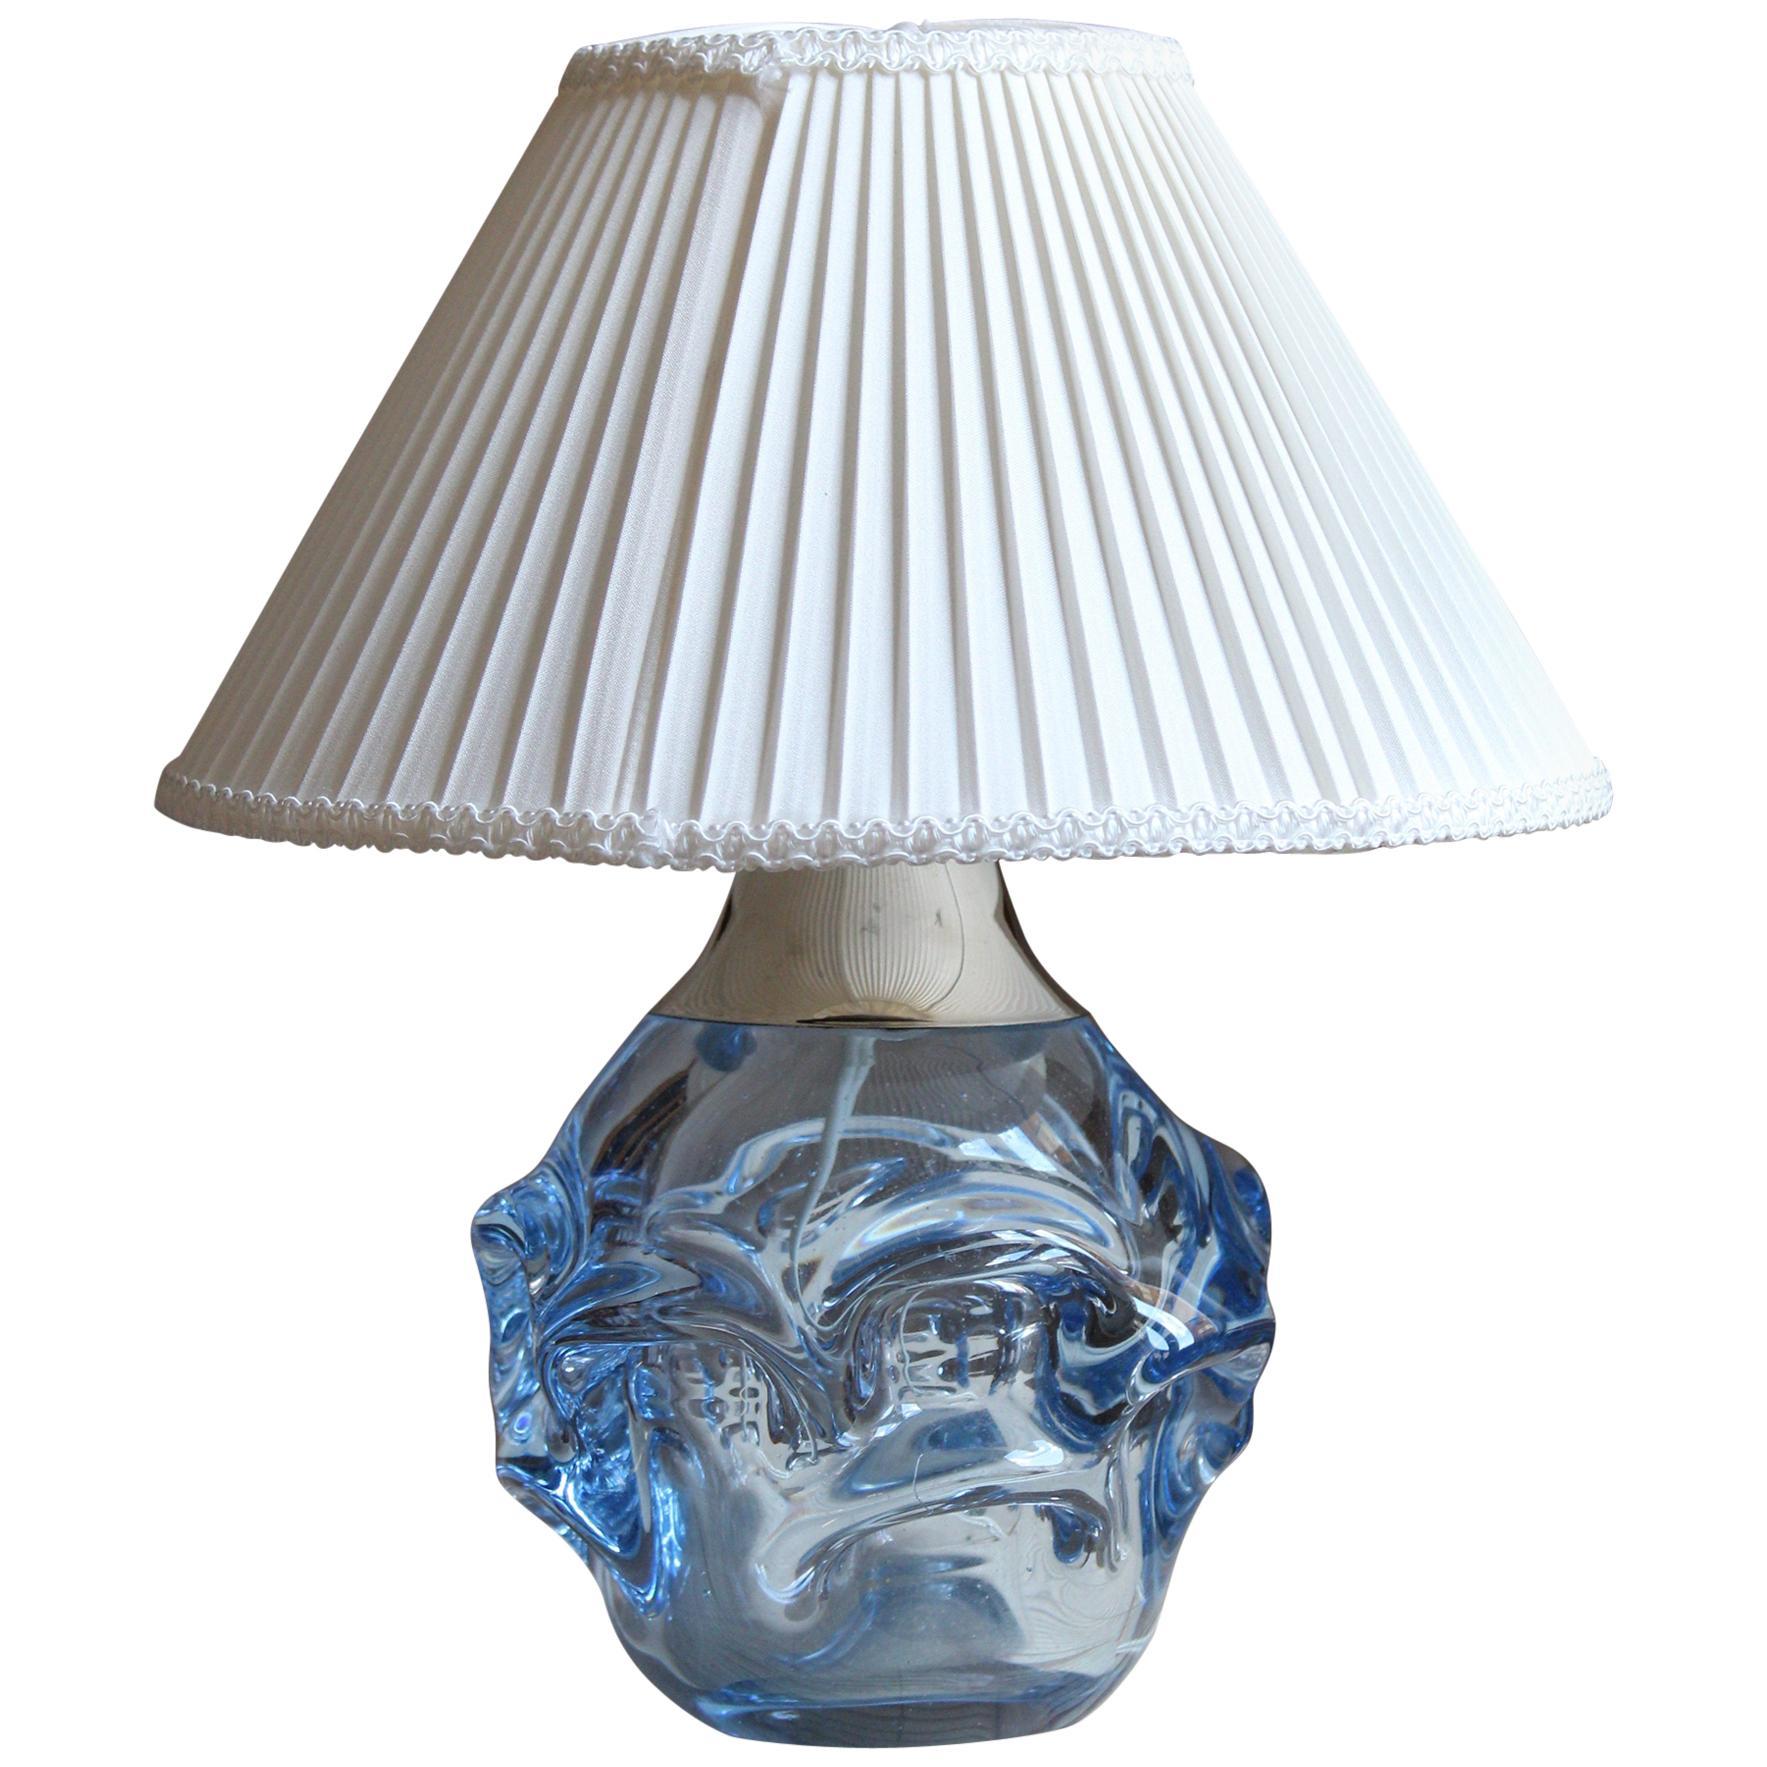 Börne Augustsson, Table Lamp, Blown Glass, Steel, Linen, Åseda, Sweden, 1950s